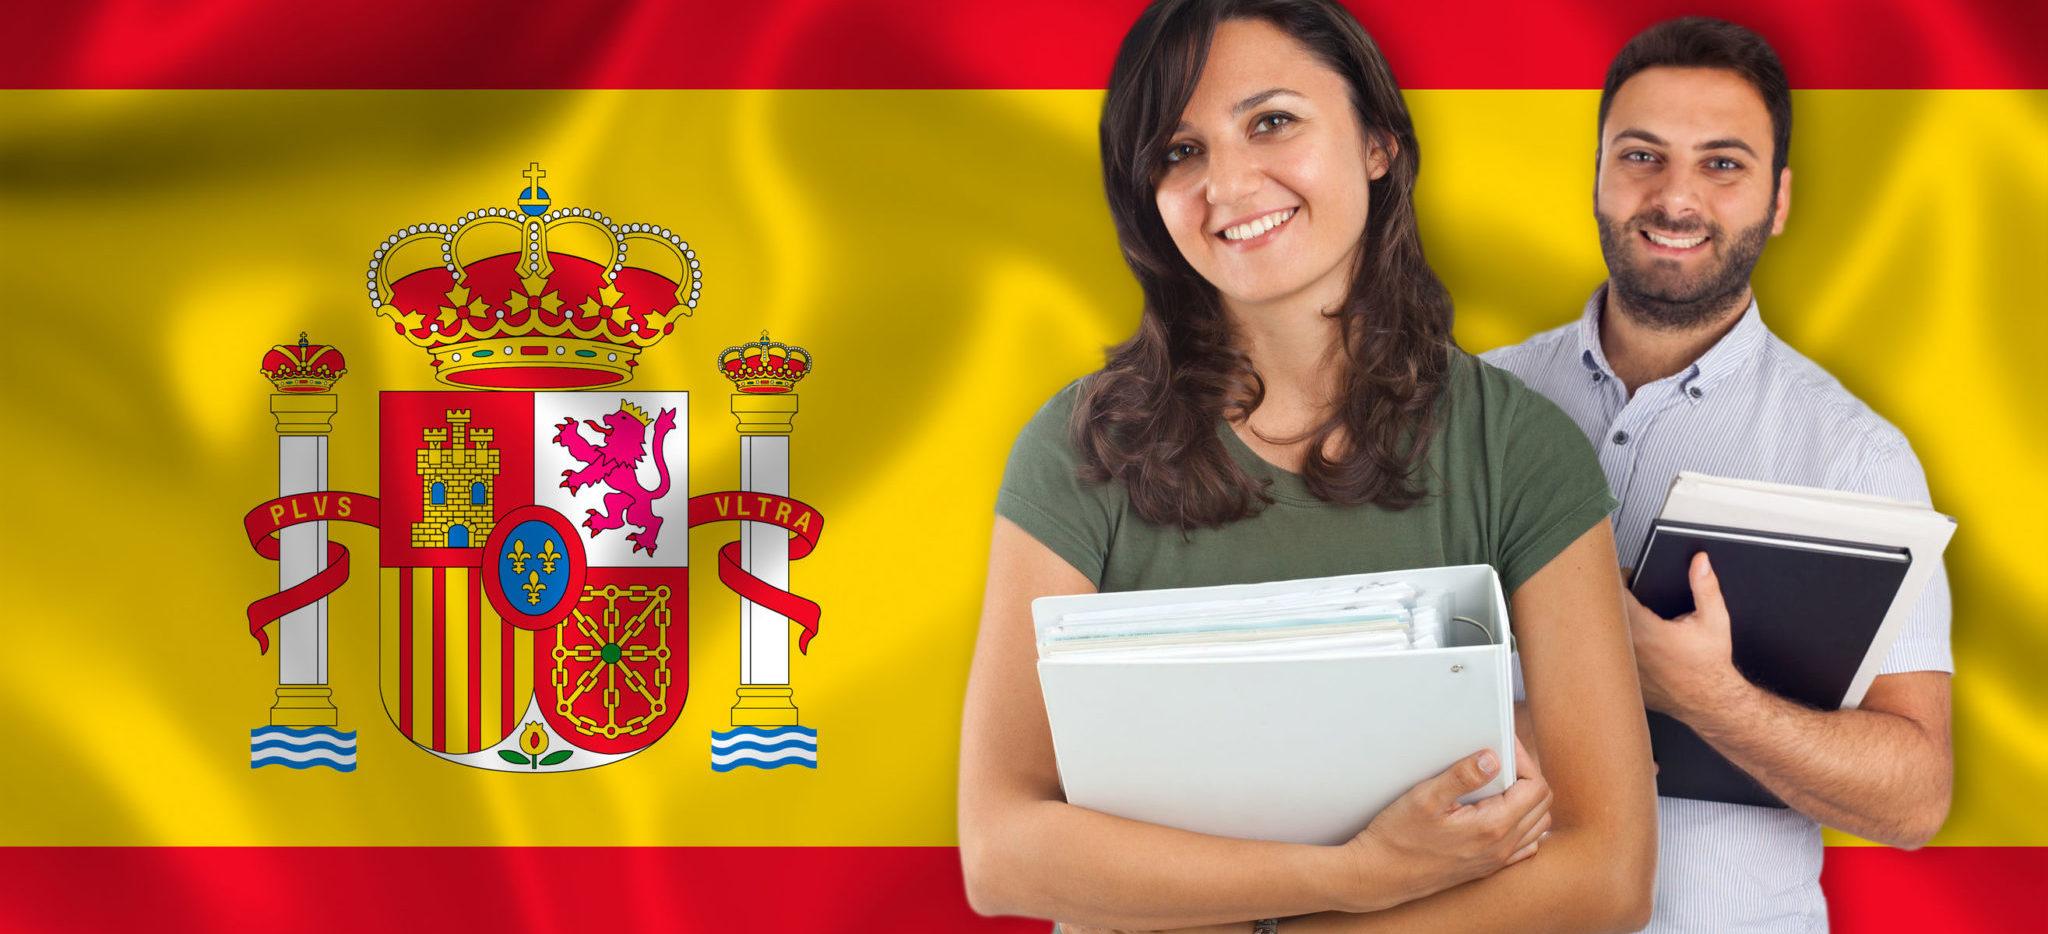 스페인 유학에 대해 알아보자: 스페인어 어학연수의 장점은 무엇이 있을까